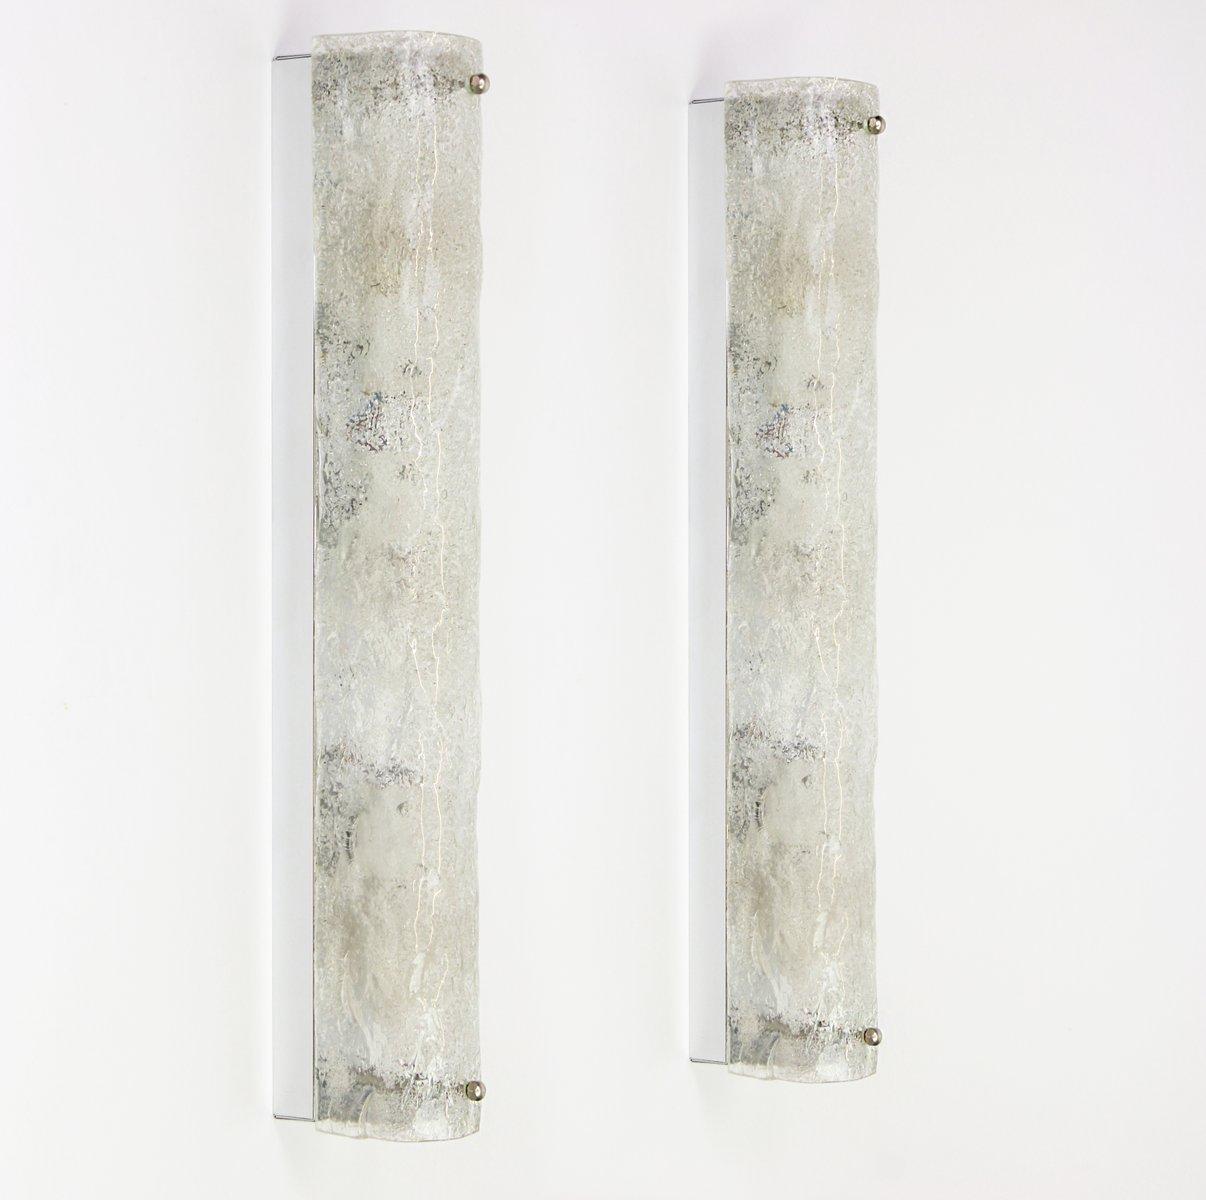 Große Moderne Murano Eisglas Wandlampen von Hillebrand Lighting, 1960e...